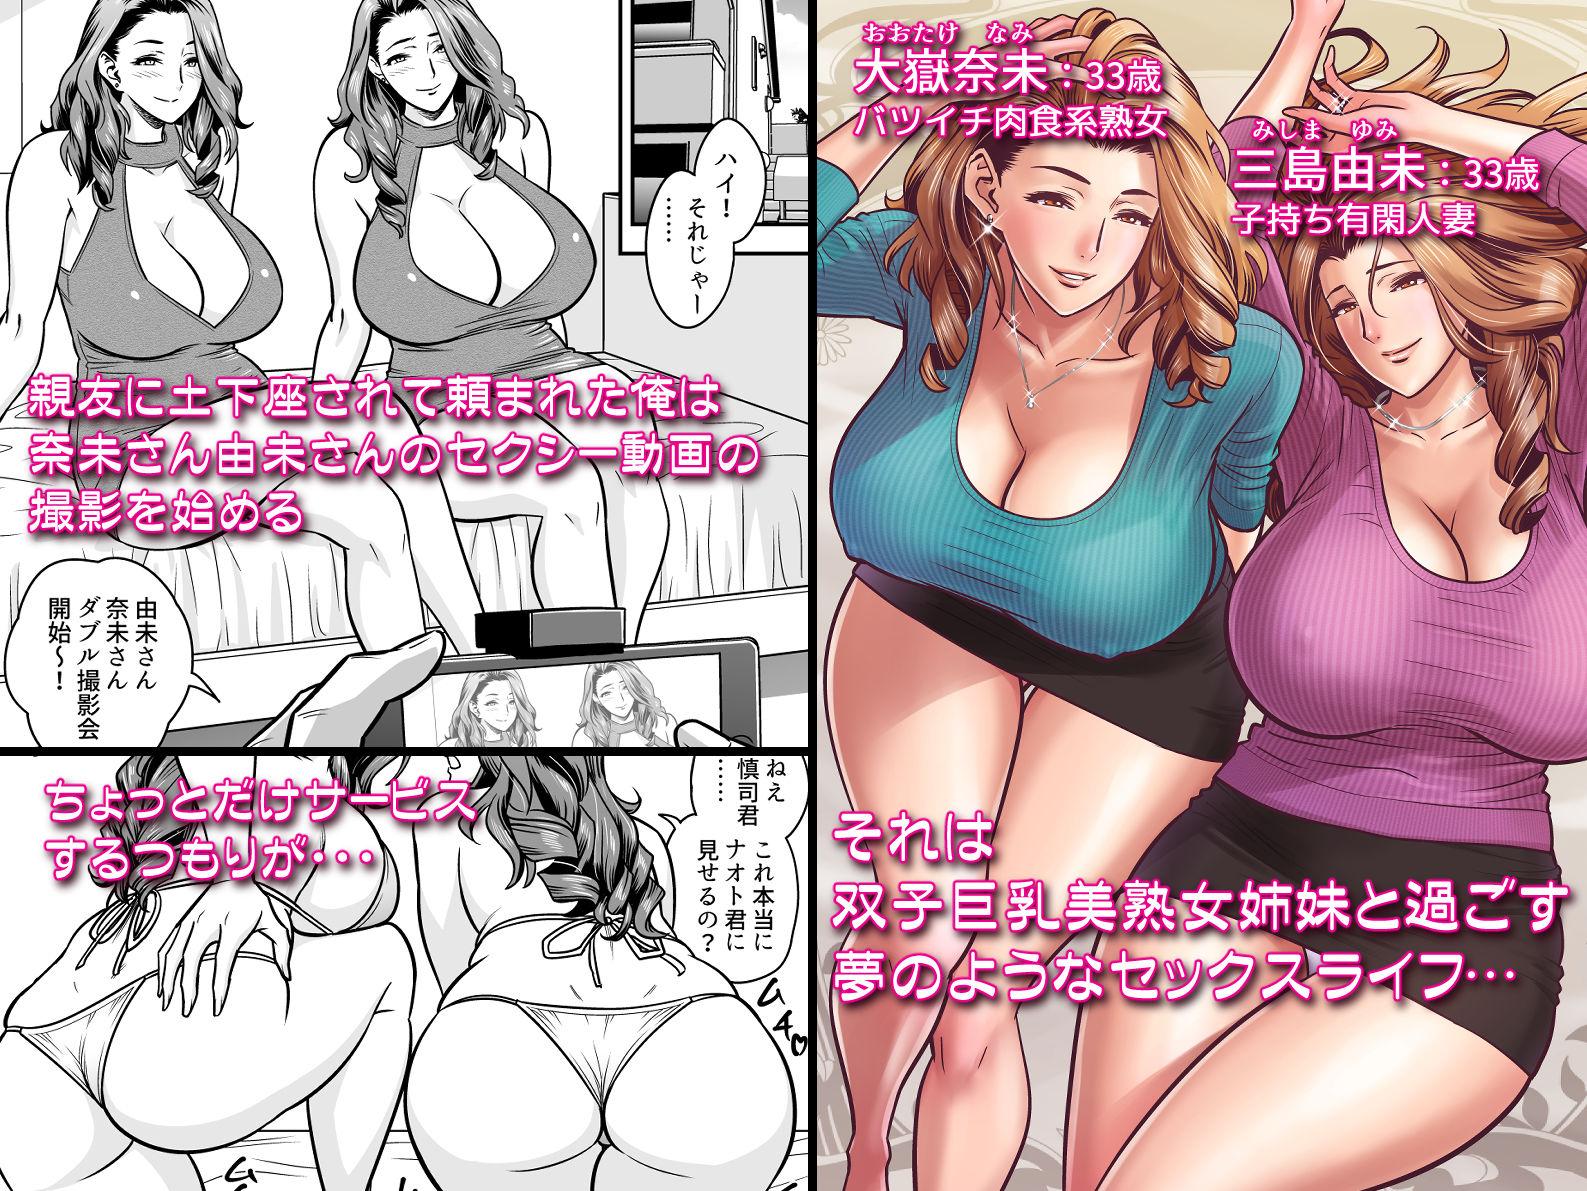 https://www.dmm.co.jp/dc/doujin/-/detail/=/cid=d_138956/